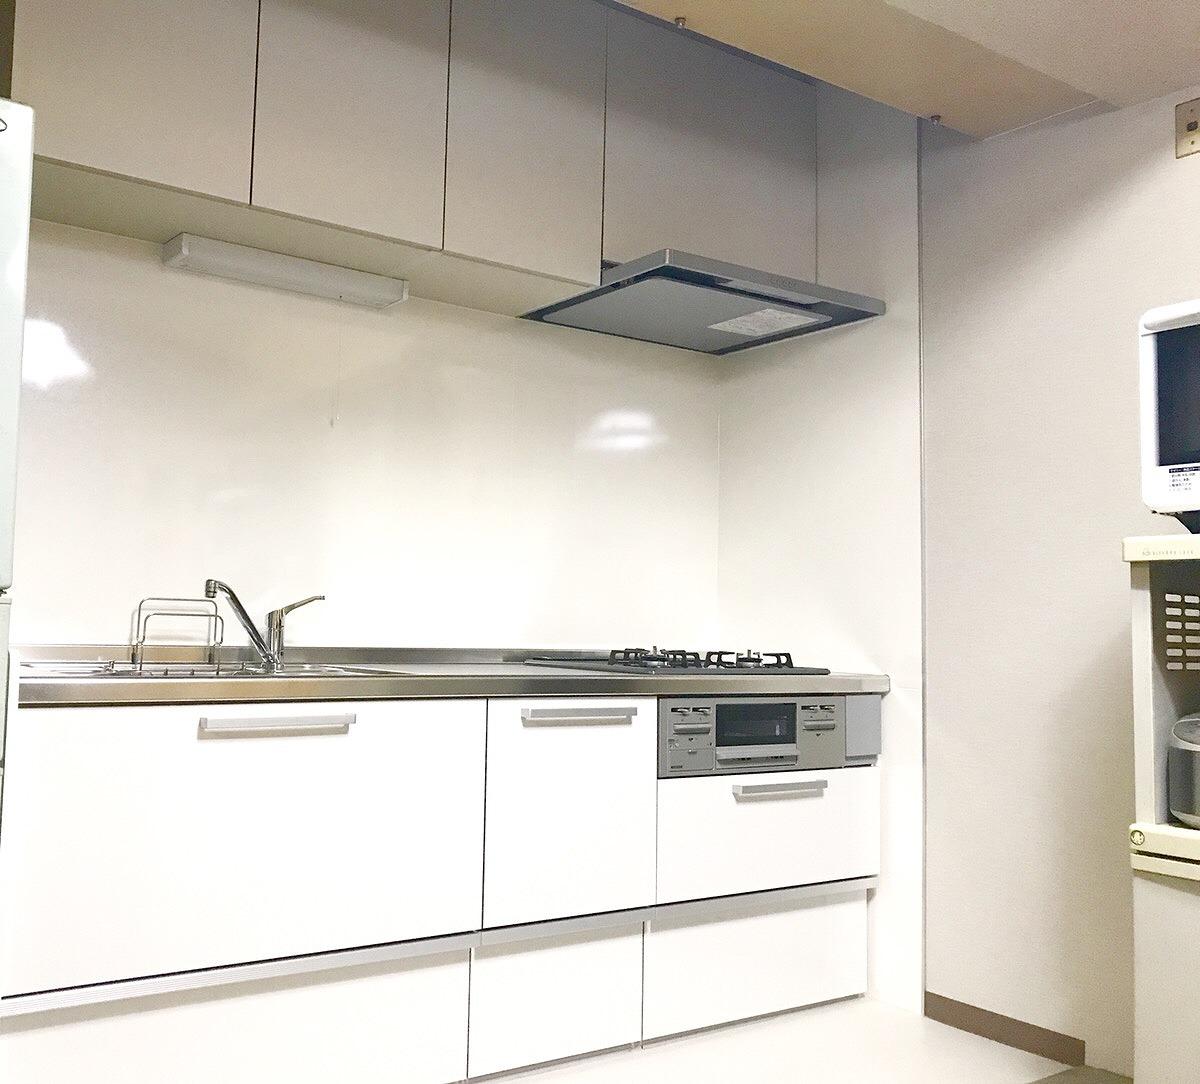 【浴室、キッチン、洗面所改修工事】大府市 H様邸 2018年5月24日